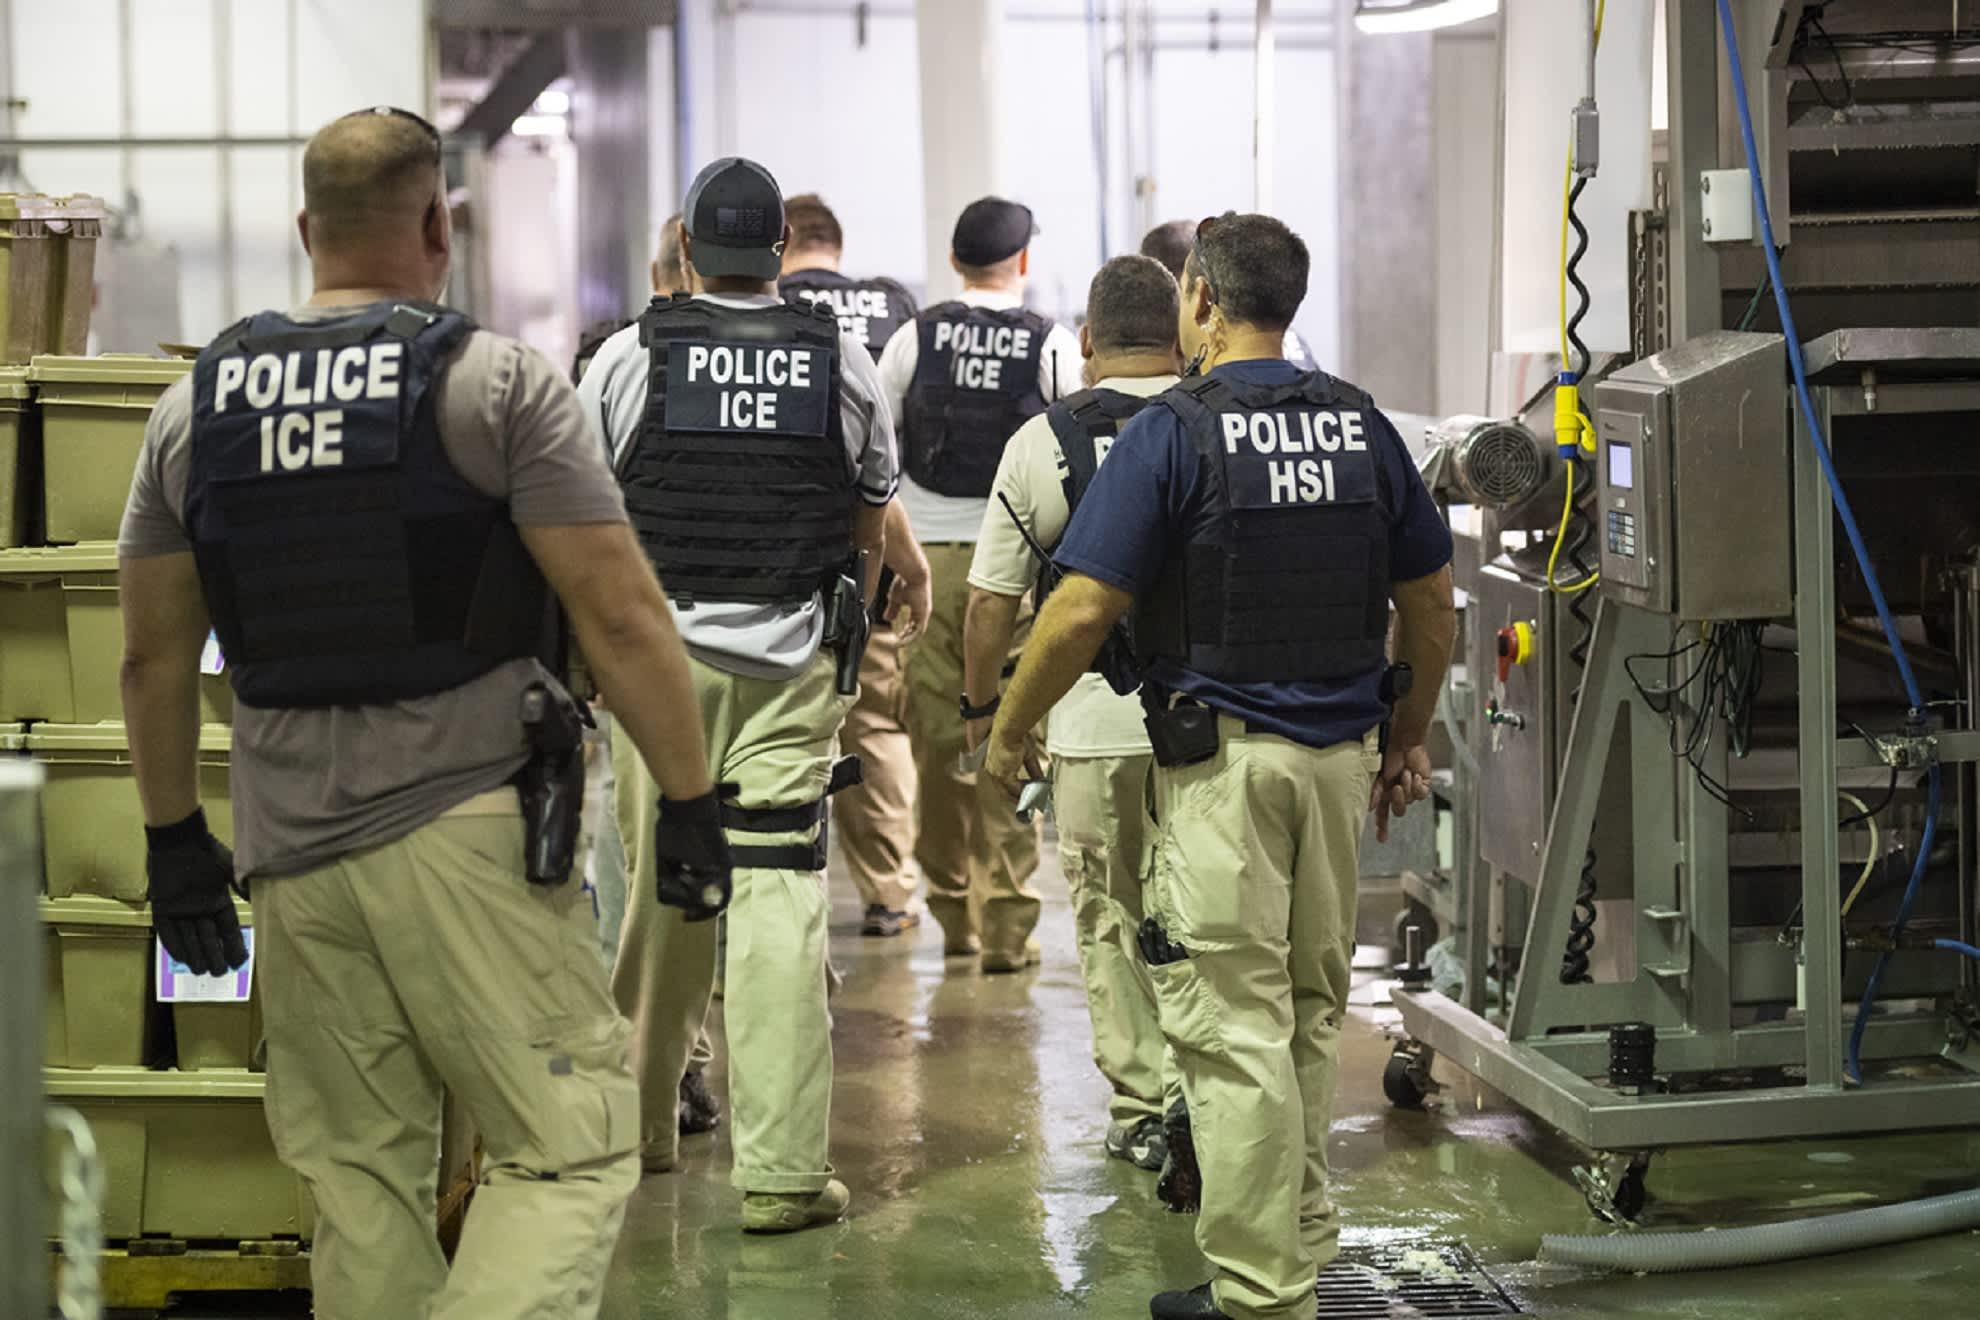 ICE:n agentit pidättivät lähes 700 siirtolaista useissa eri teollisuuslaitoksissa Mississippissä.